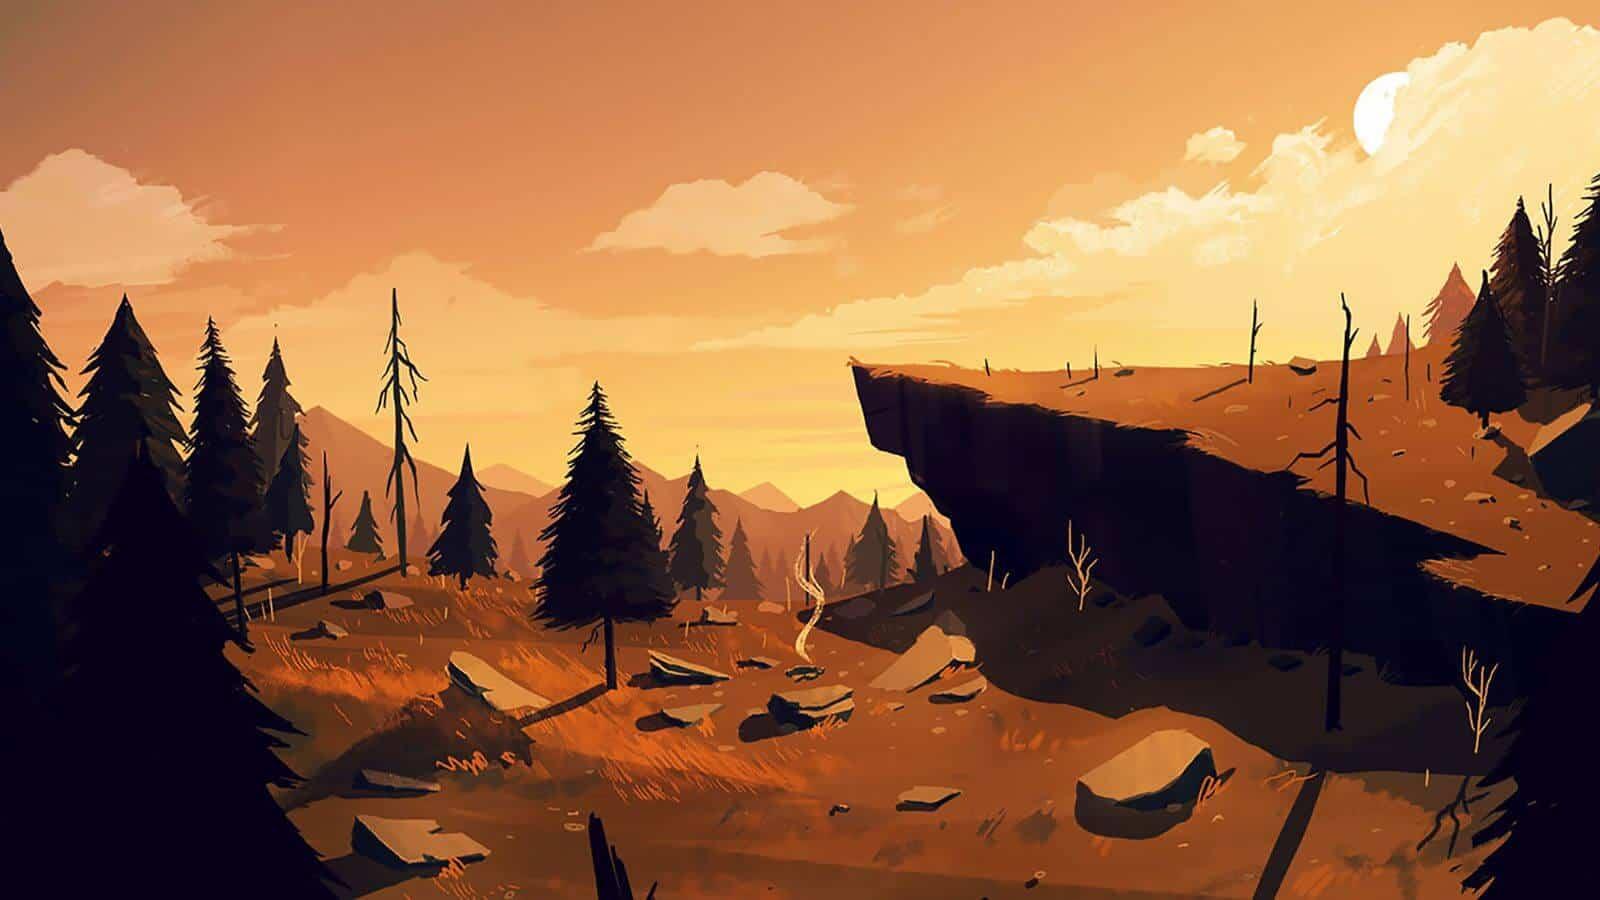 بازی ویدیویی فایرواچ (جنگلبان) - FireWatch Video Game